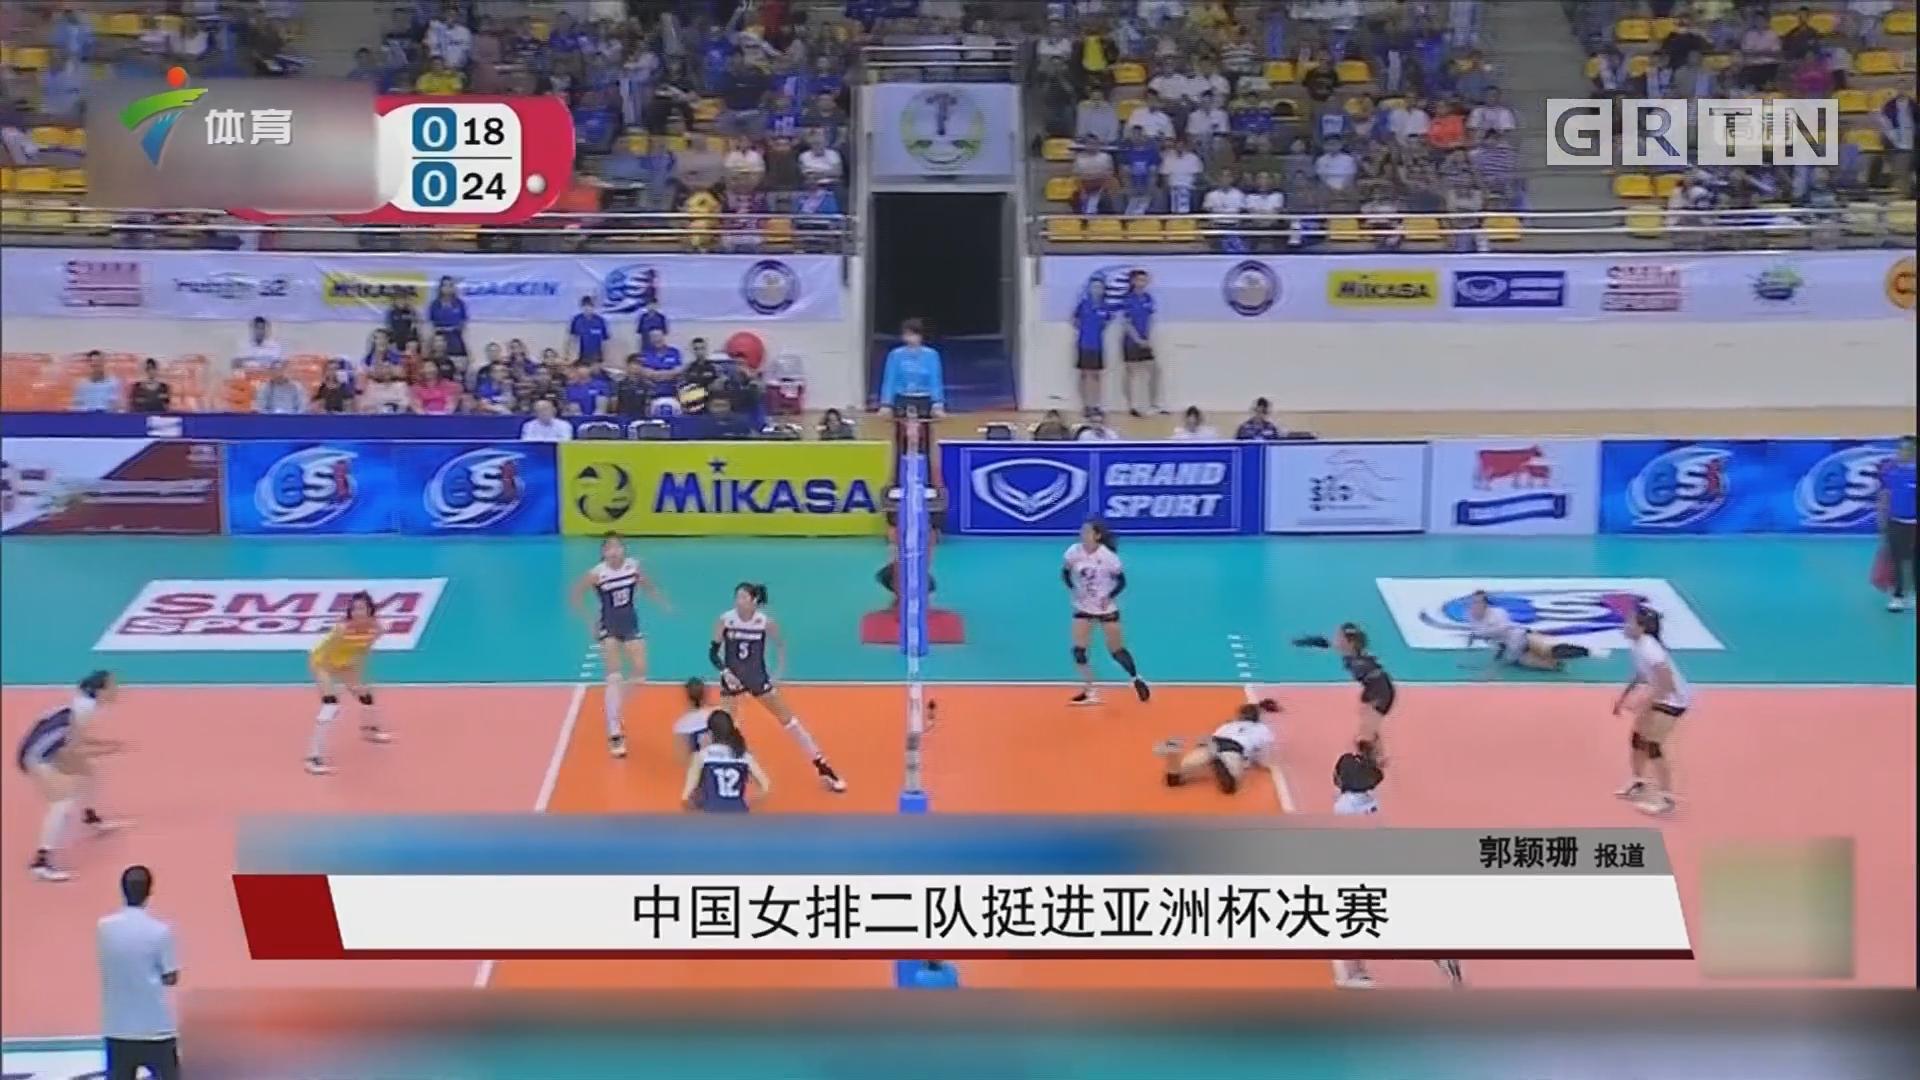 中国女排二队挺进亚洲杯决赛